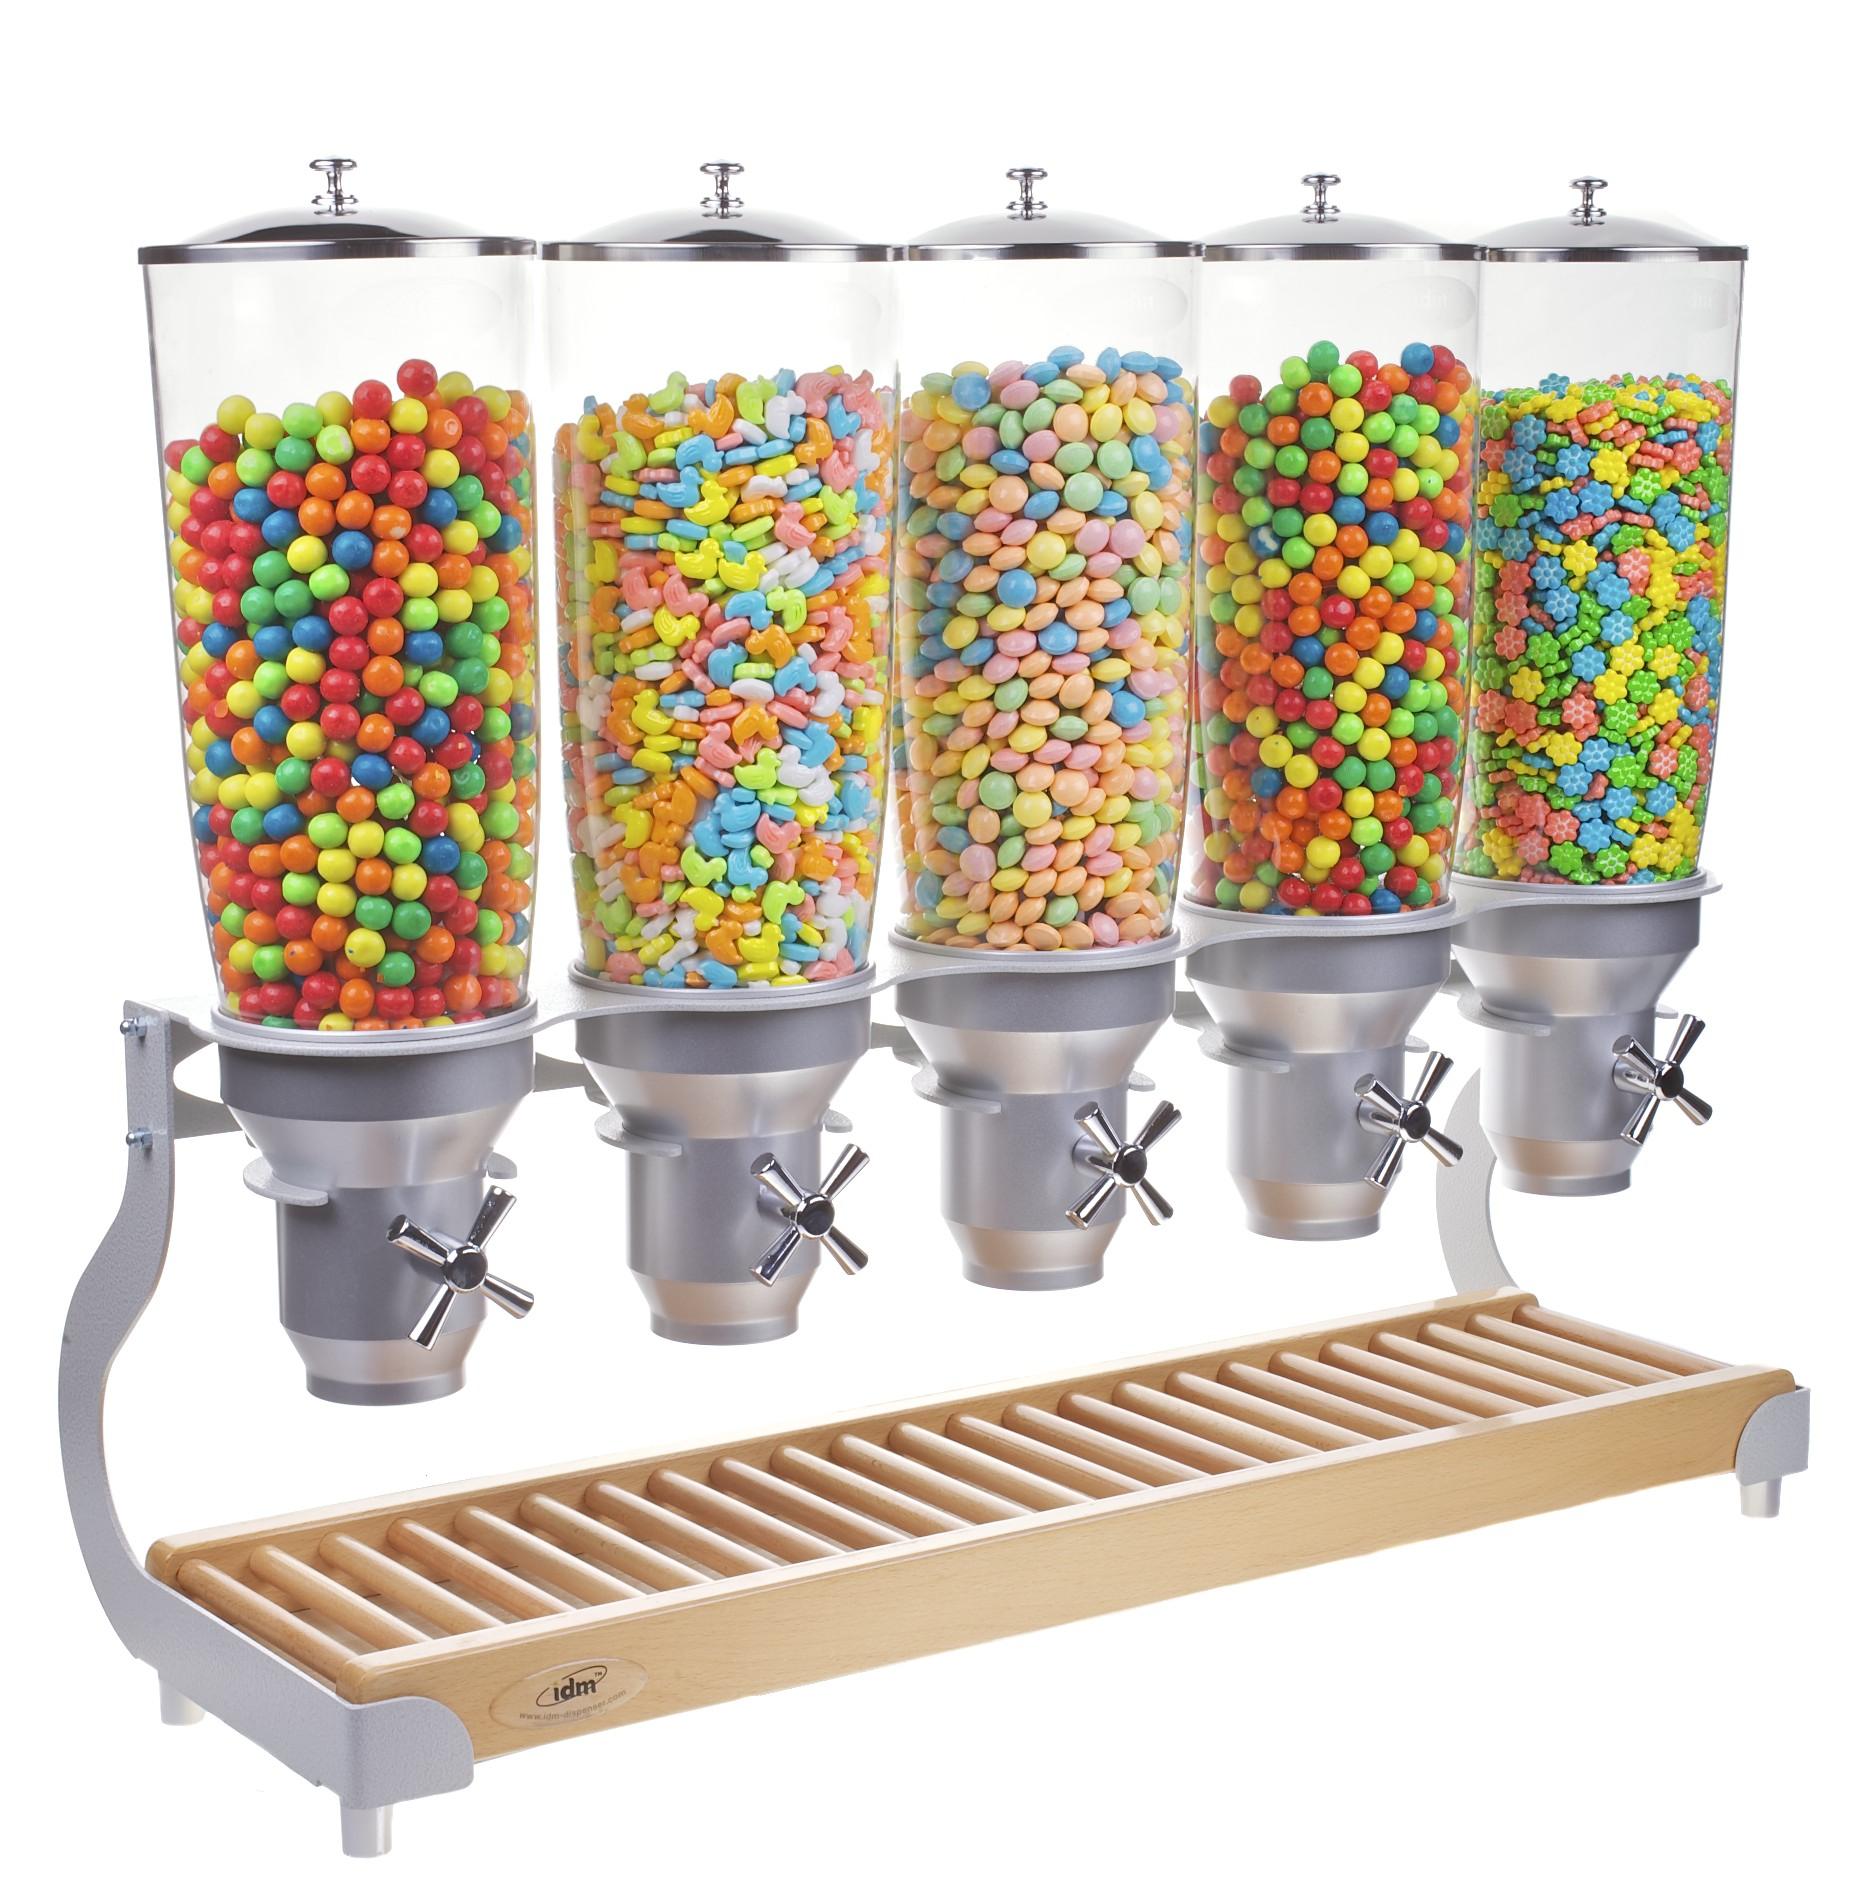 IDM Candy Dispenser D50 Free standing